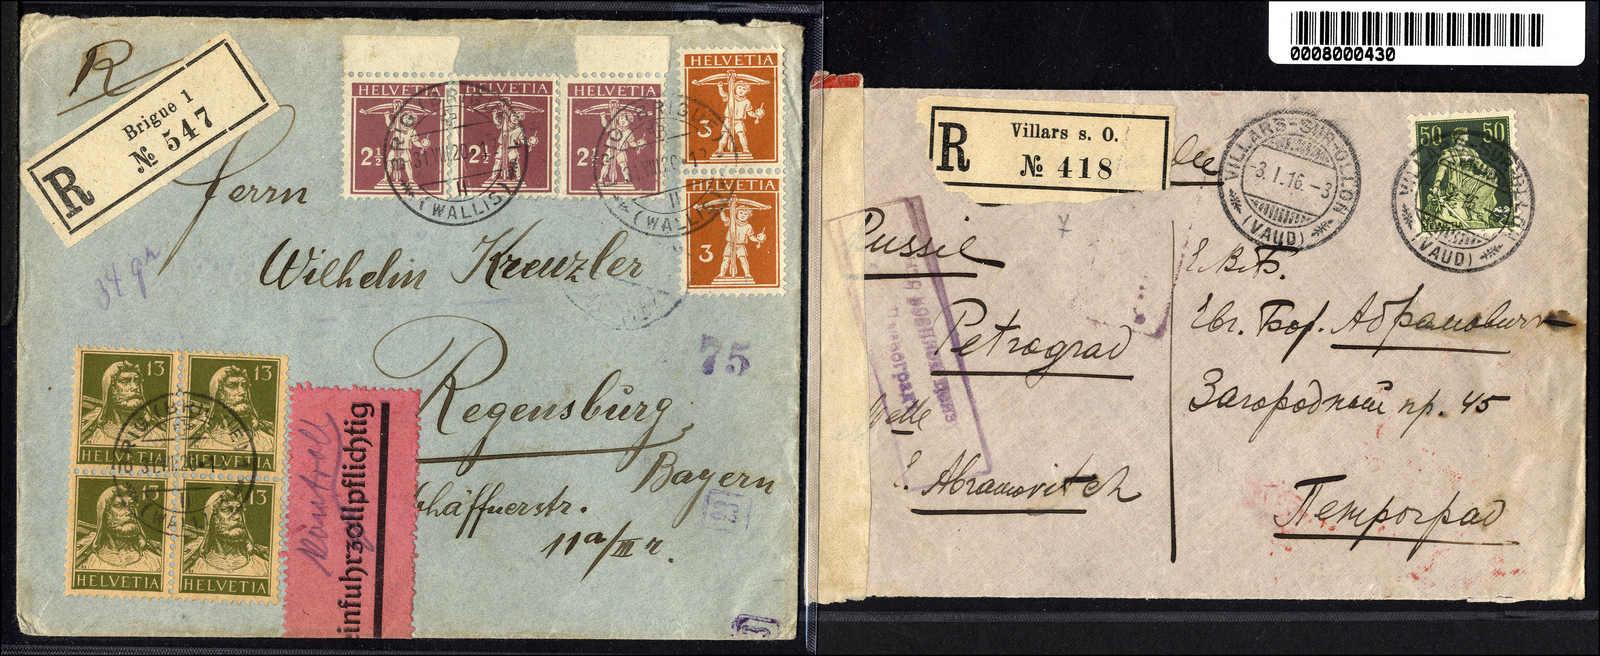 Lot 128 - schweiz schweiz -  Rolli Auctions Auction #68 Day 1